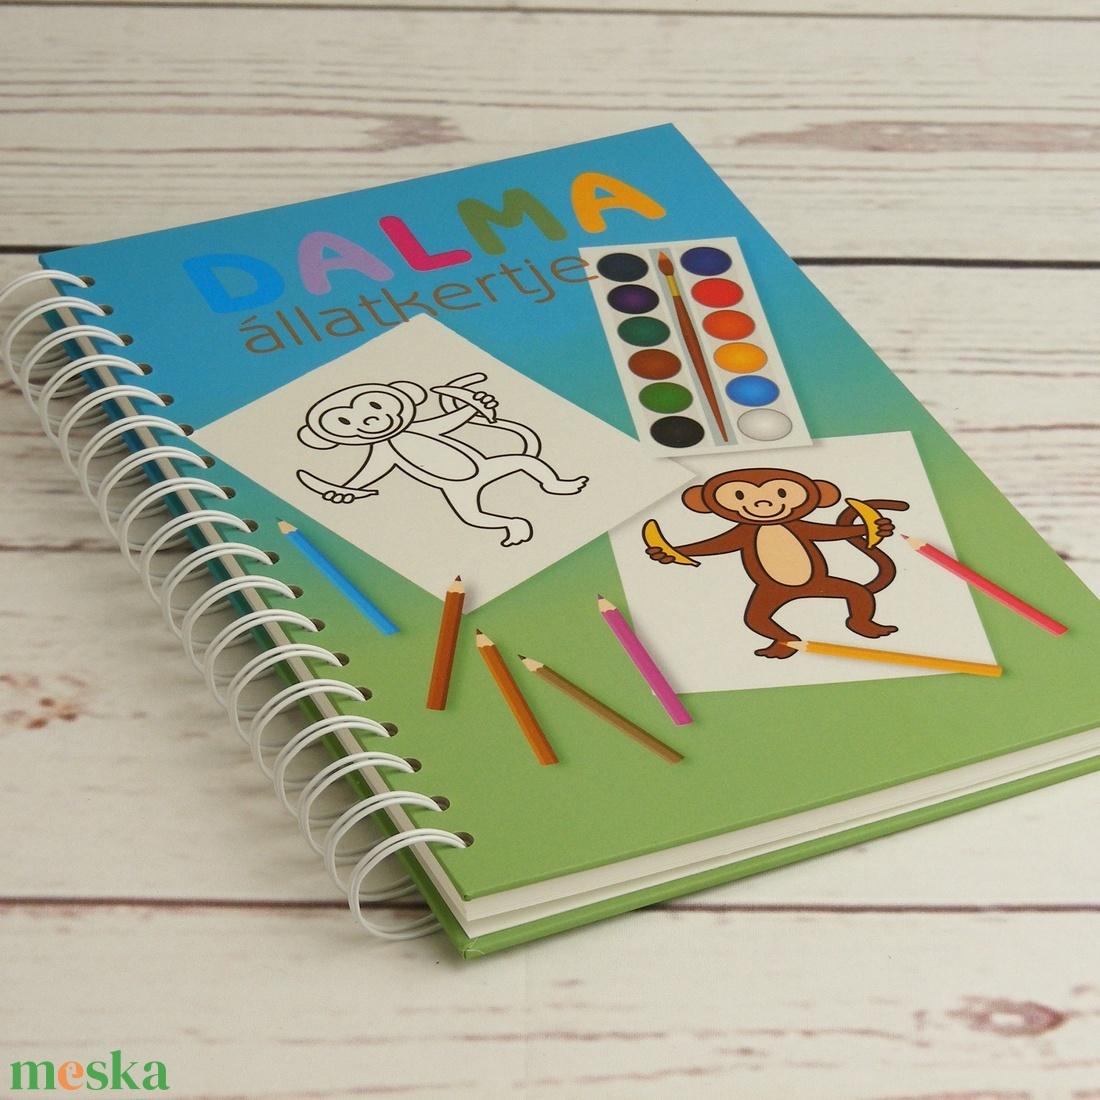 Kifestőkönyv állatokkal kisgyerekeknek. Spirálozott rajzfüzet, színezőkönyv, spirálfüzet színezhető oldalakkal, állatos - játék & gyerek - készségfejlesztő & logikai játék - Meska.hu